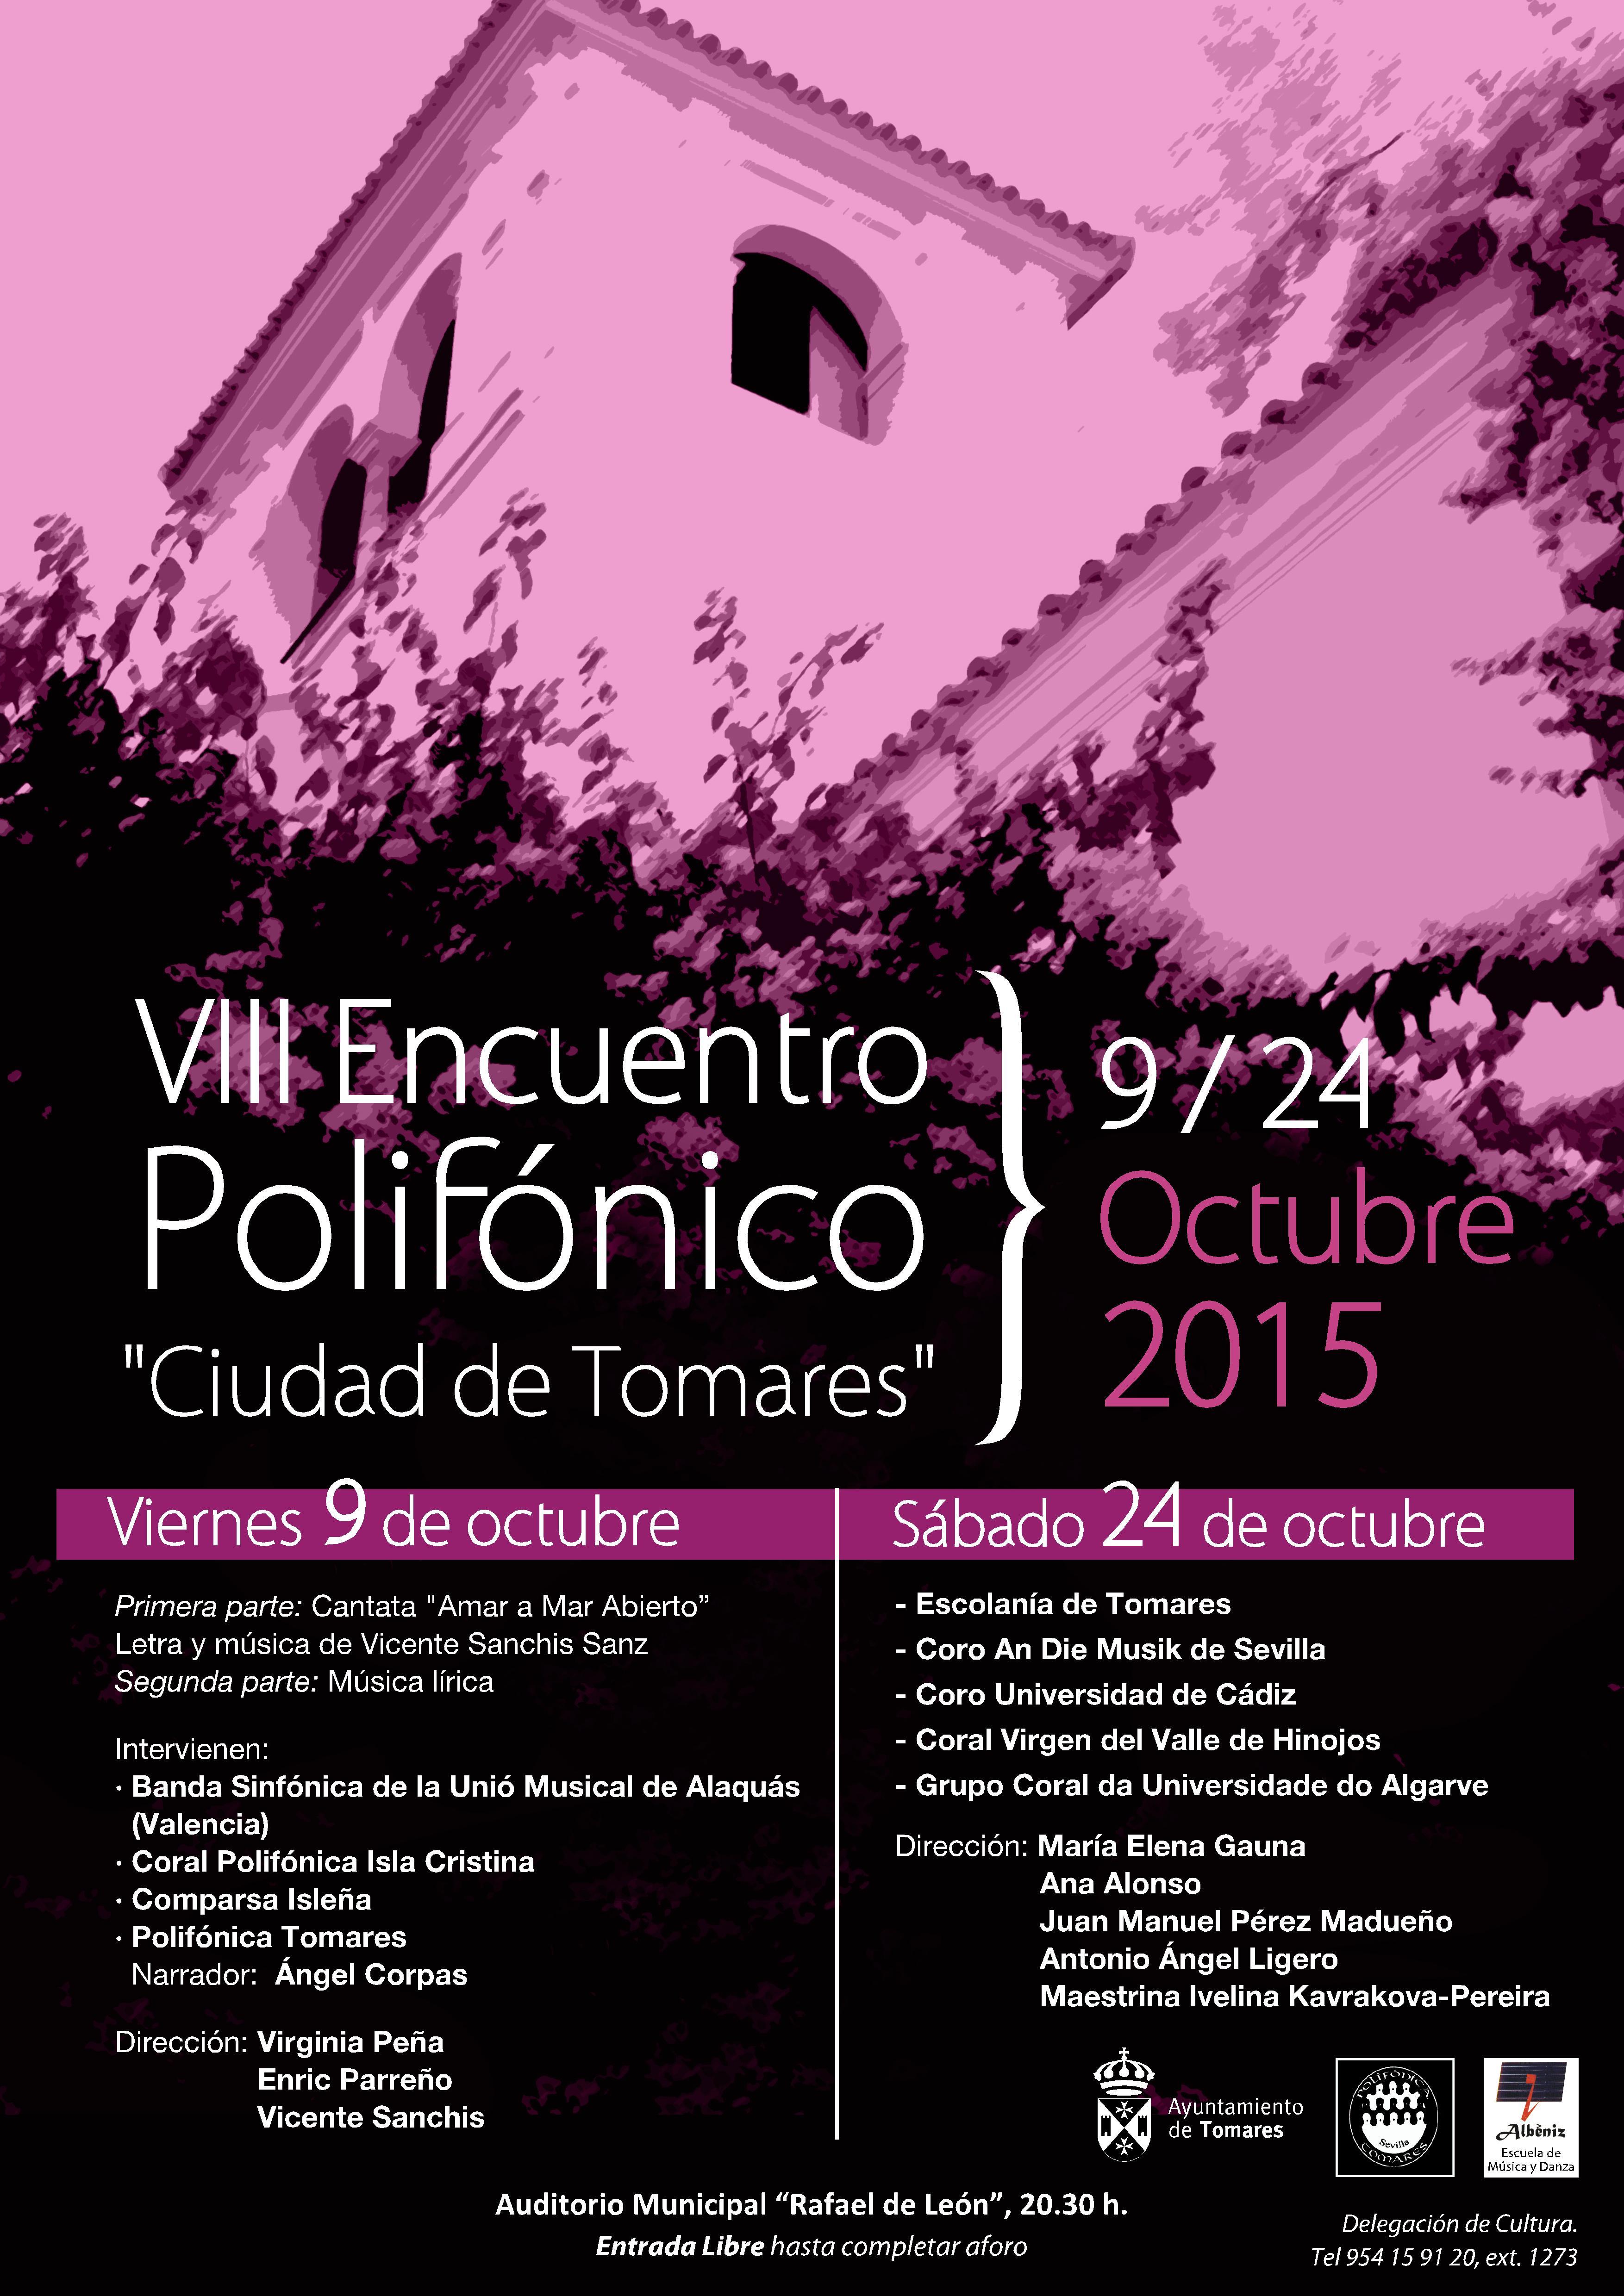 VIII ENCUENTRO 2015